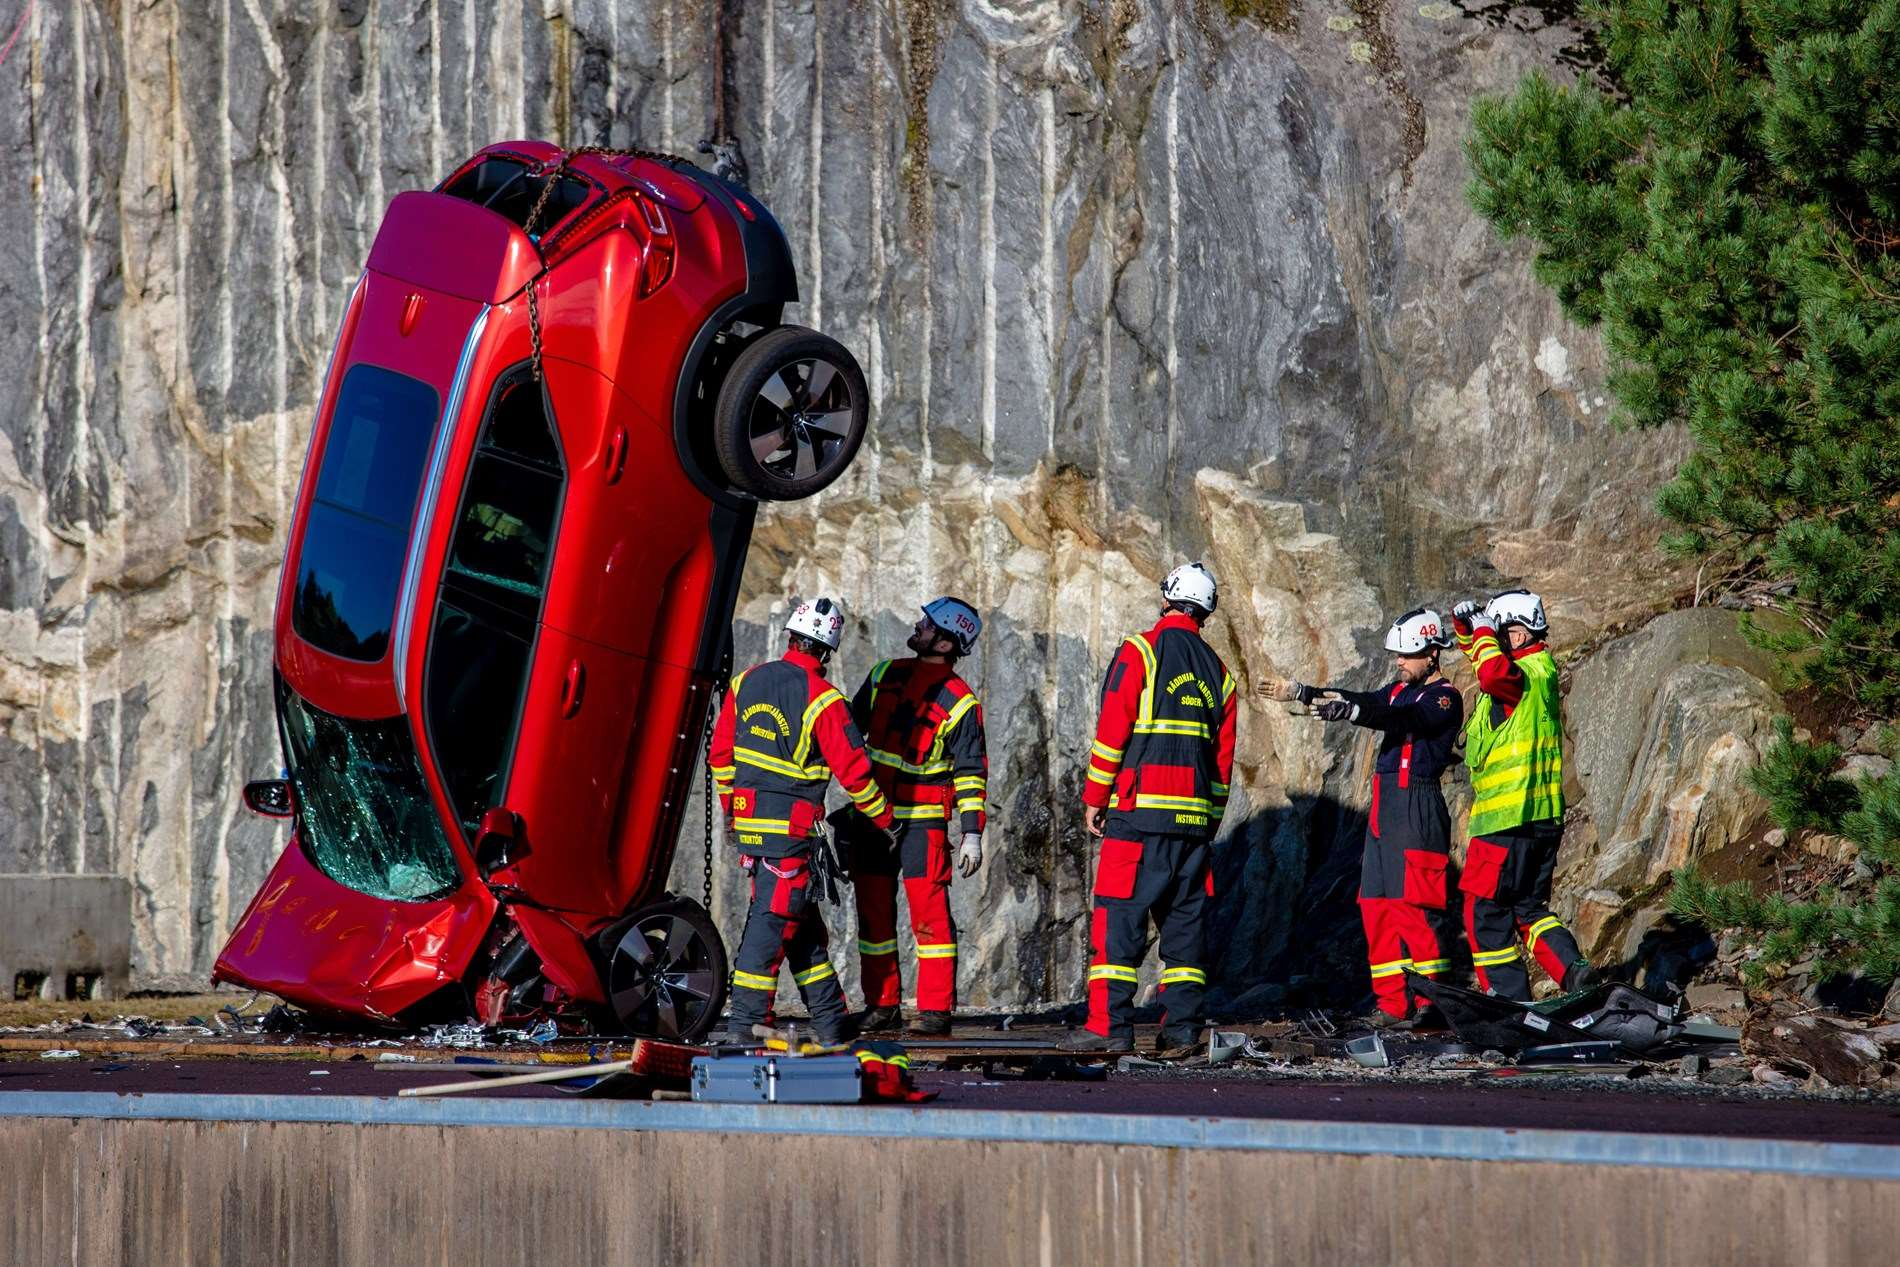 Kijk toe terwijl Volvo Cars nieuwe auto's vanop 30 meter hoogte te pletter laat storten om de reddingsdiensten te helpen levens te redden